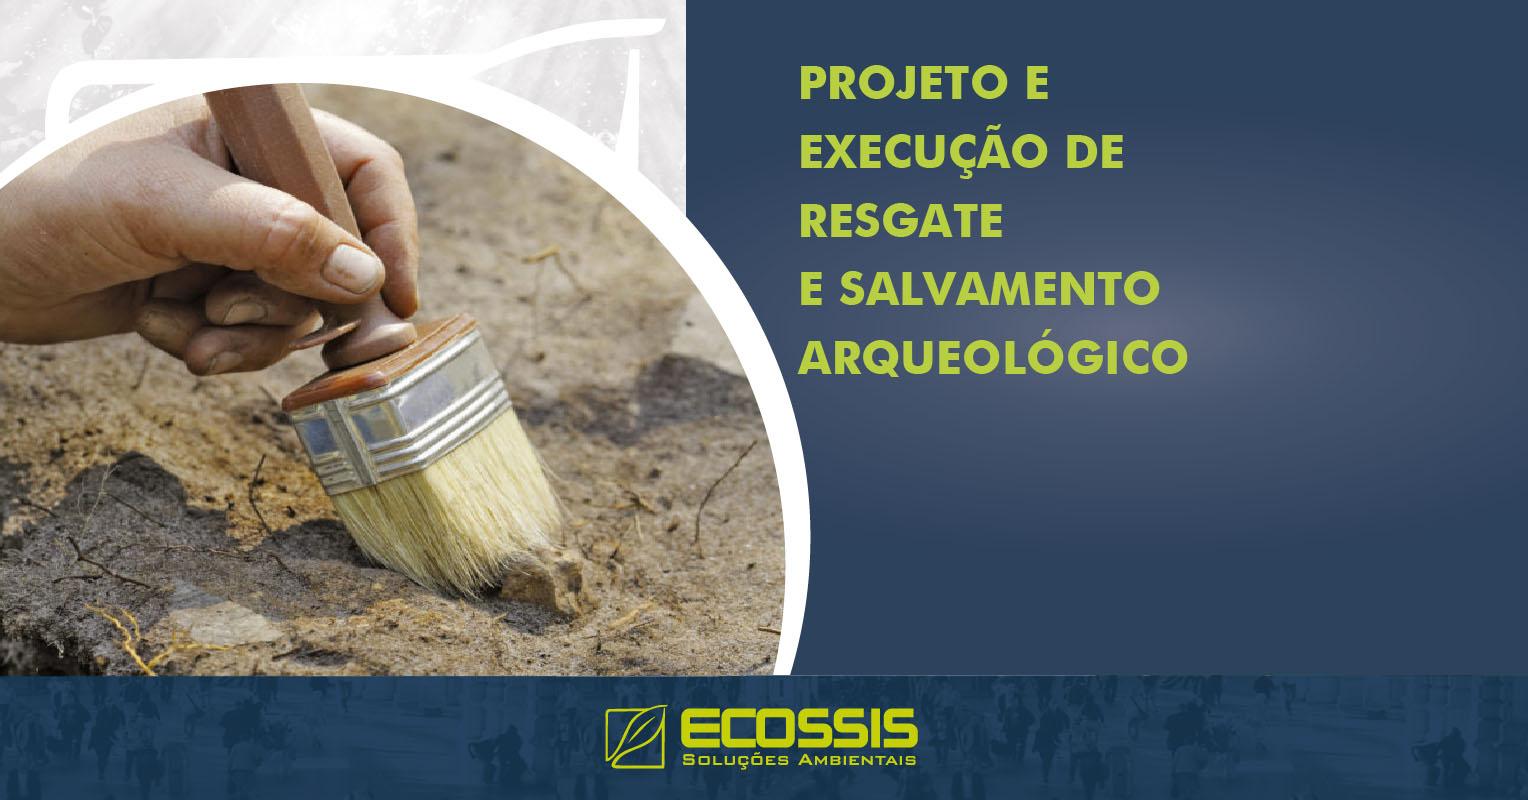 Projeto e Execução de Resgate e Salvamento Arqueológico